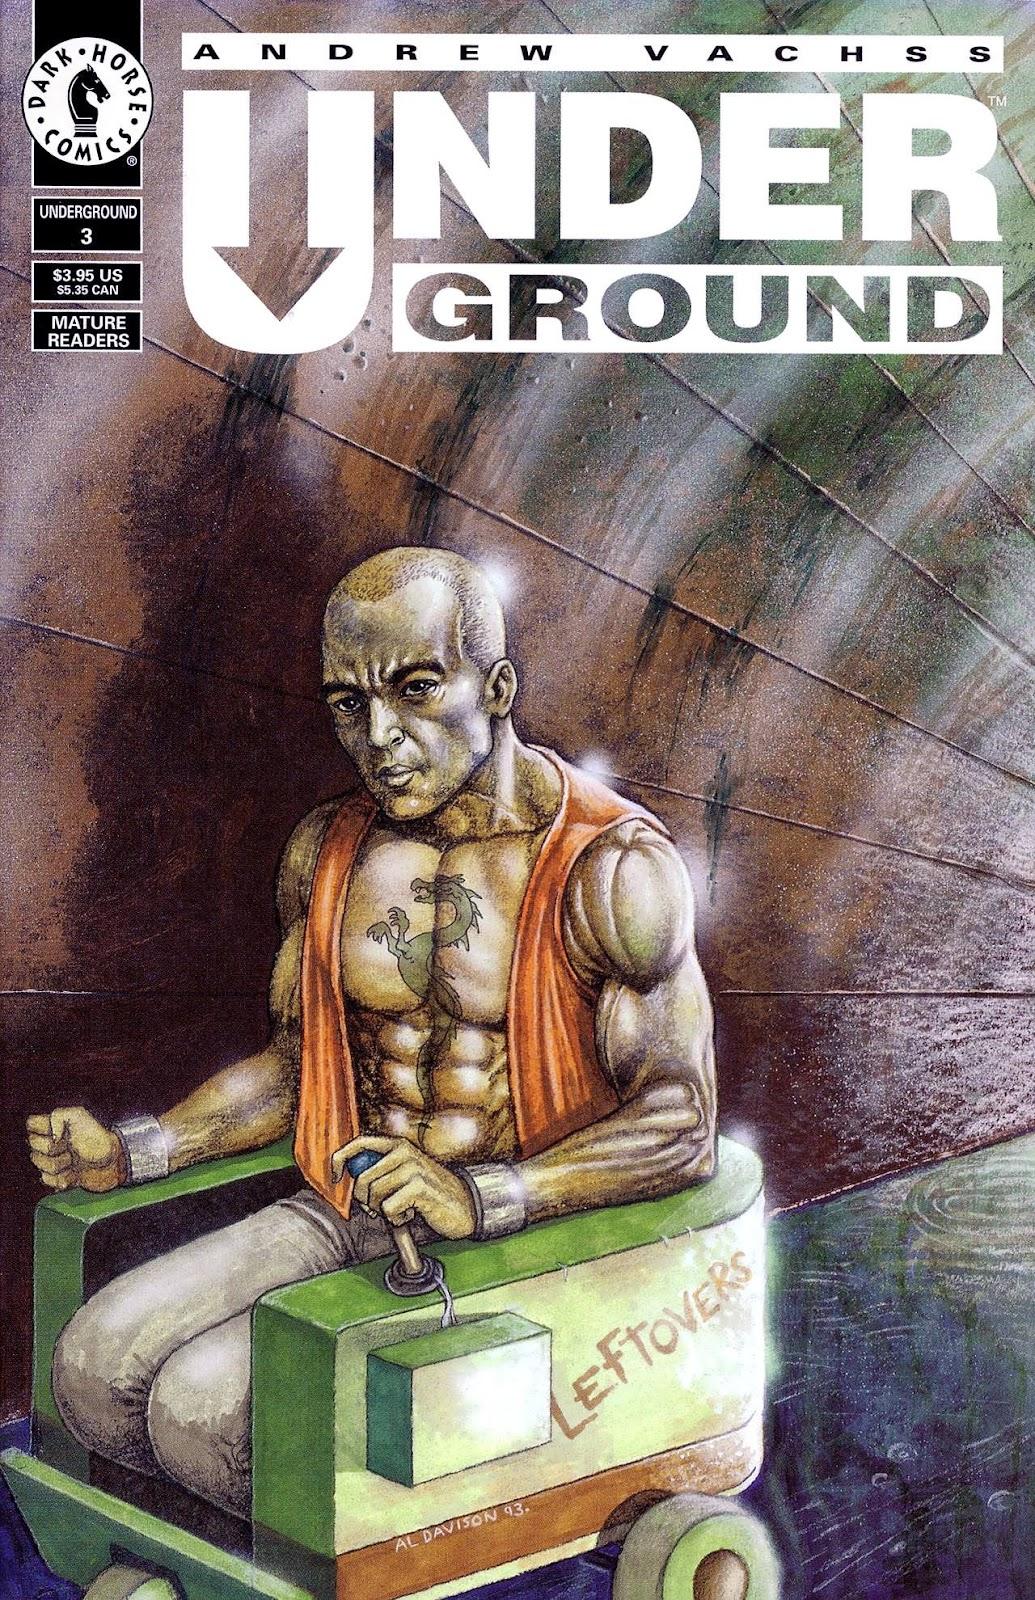 Andrew Vachss Underground 3 Page 1